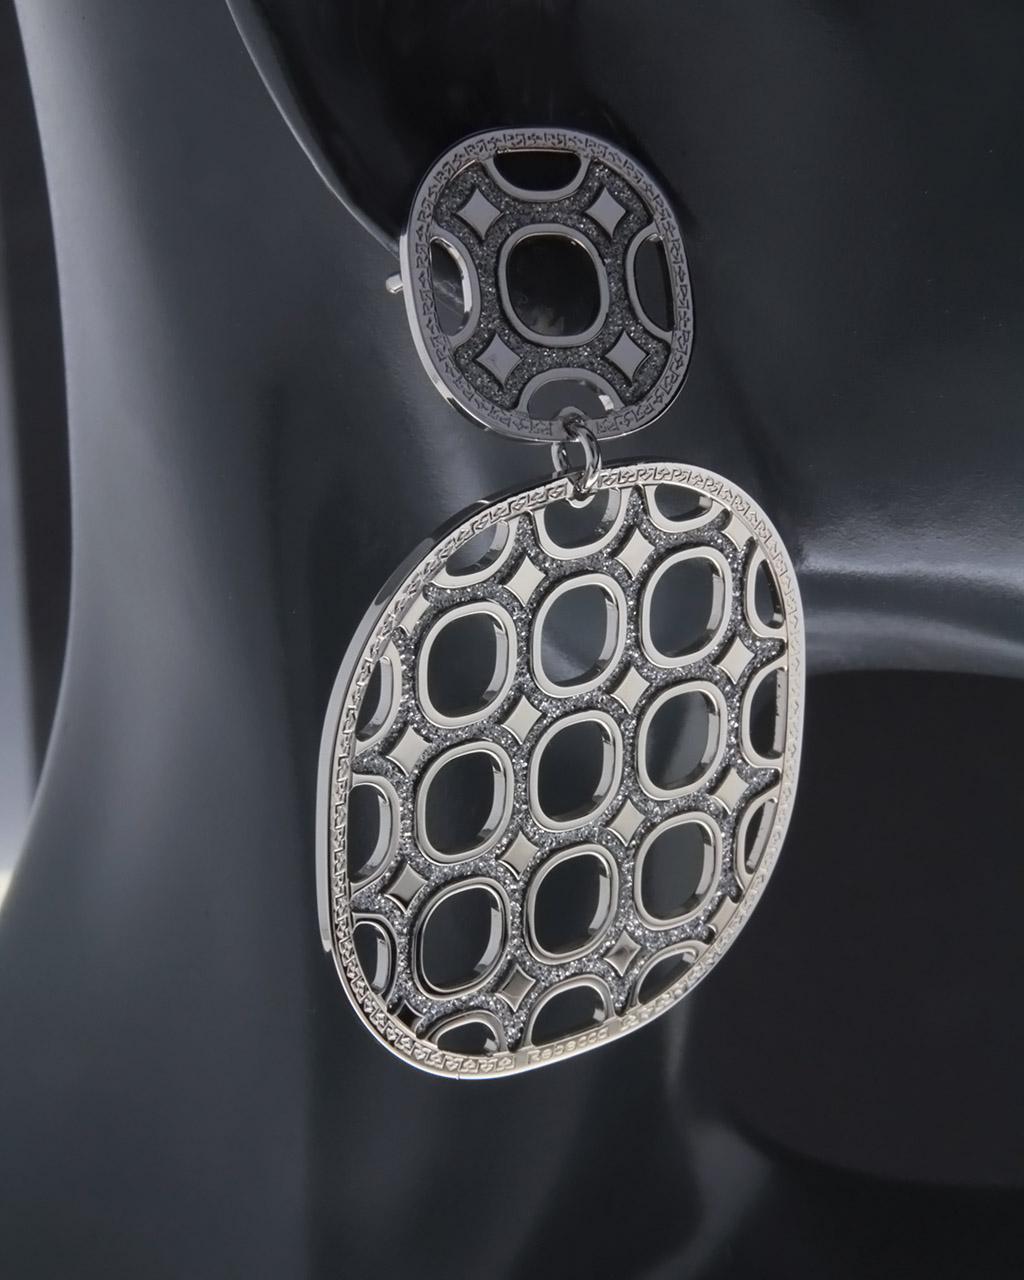 Σκουλαρίκια Rebecca Seventies   κοσμηματα σκουλαρίκια σκουλαρίκια fashion